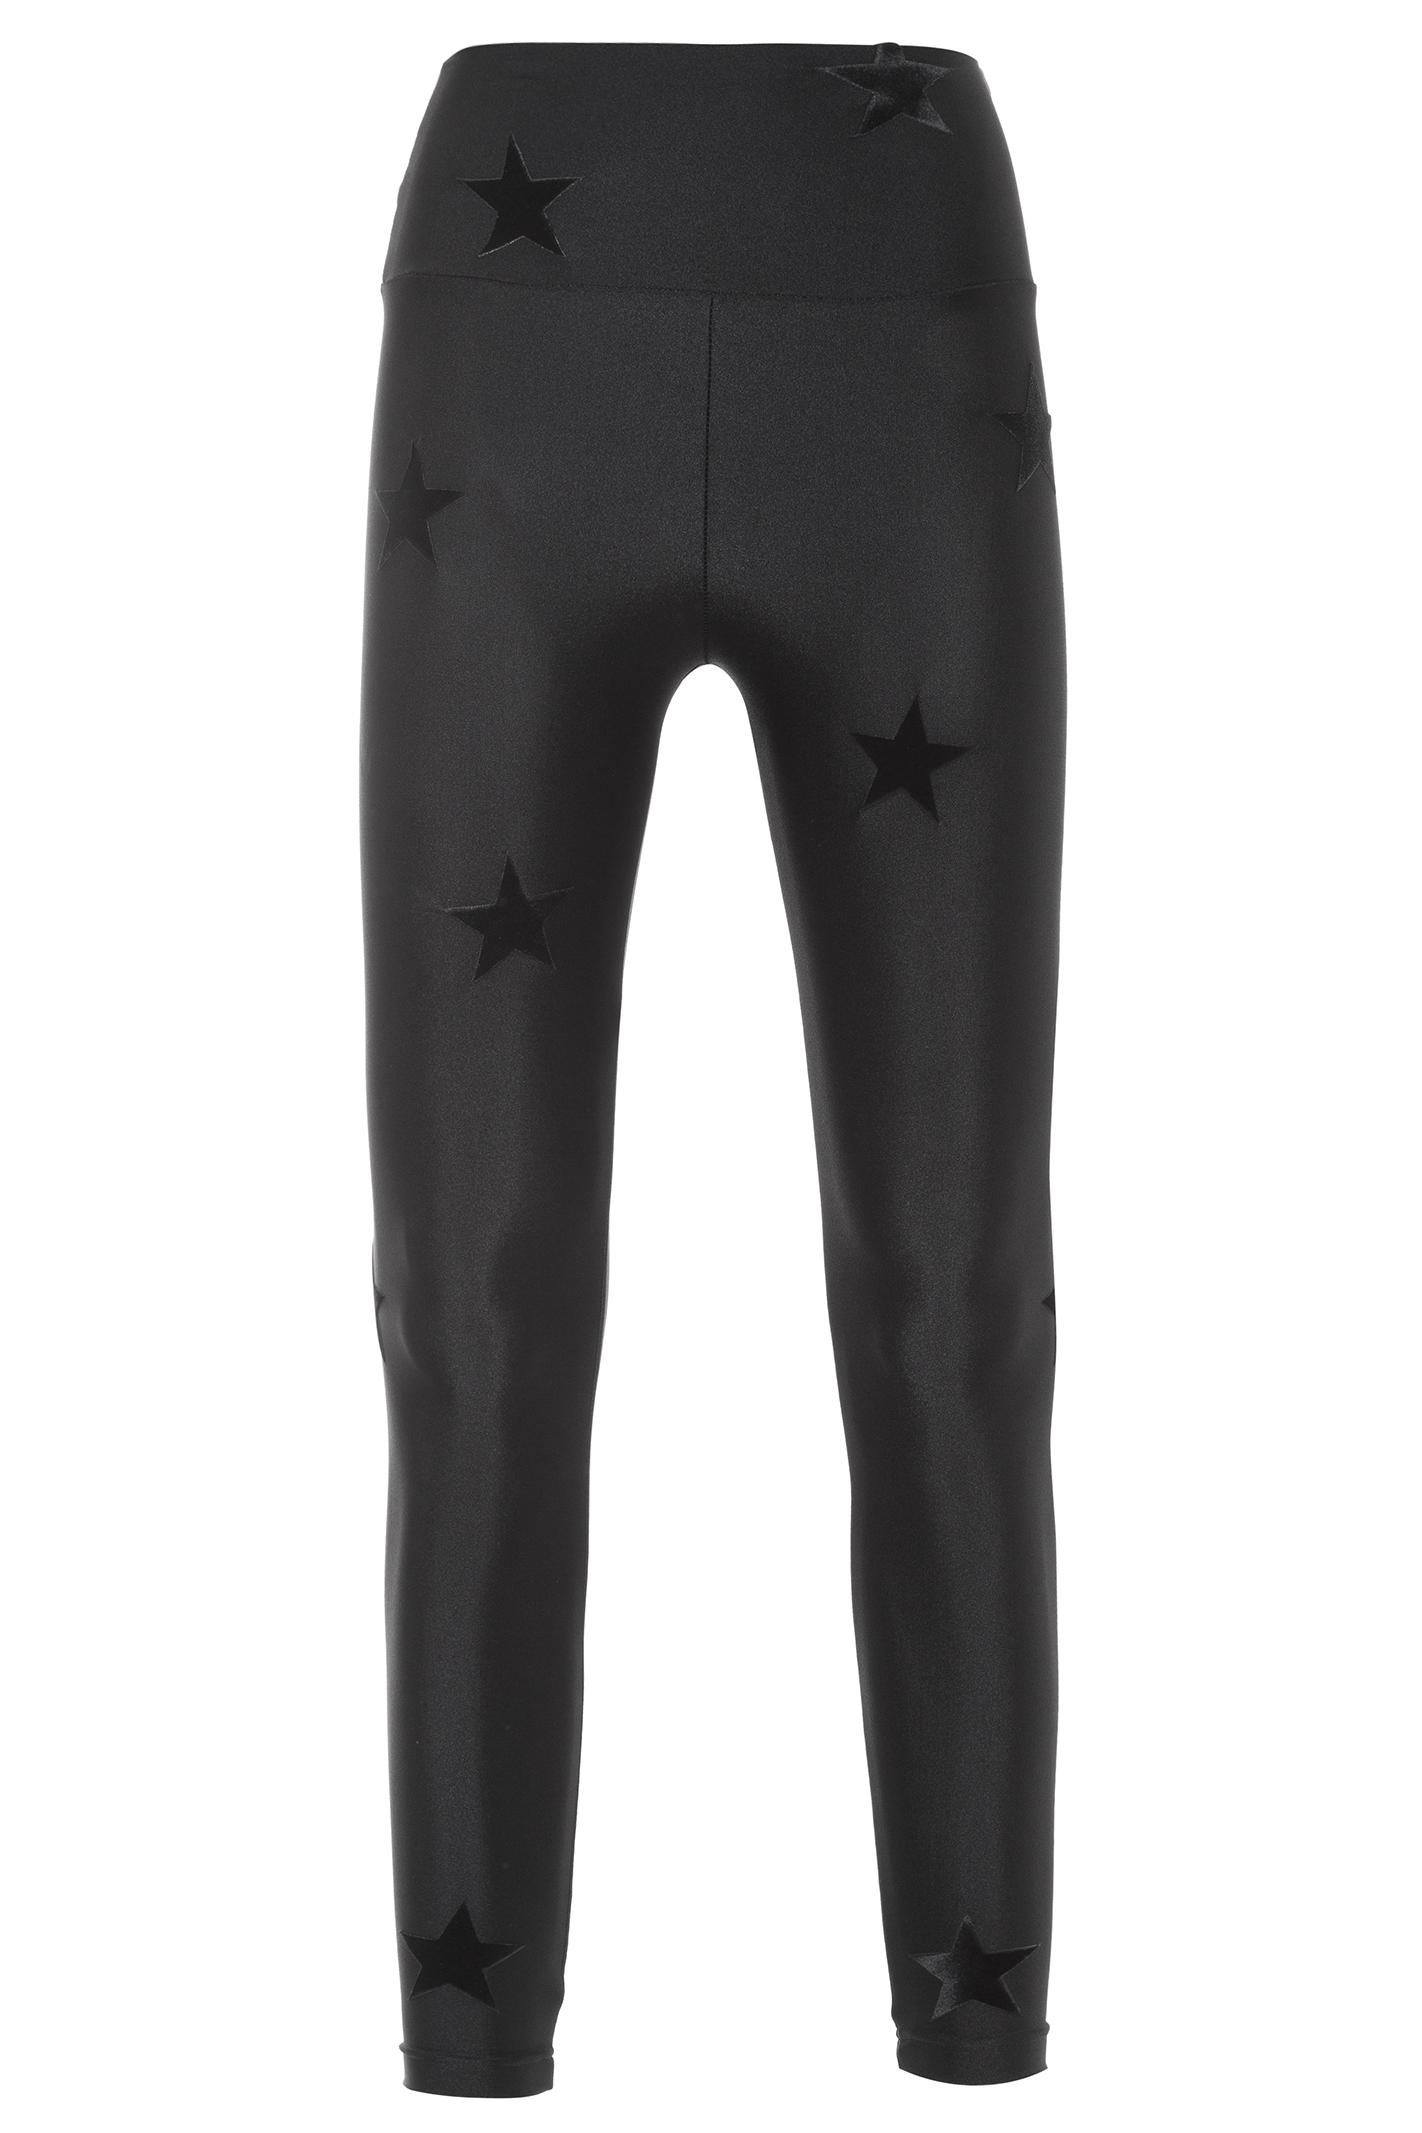 Legging Lycra Cós Velvet Star